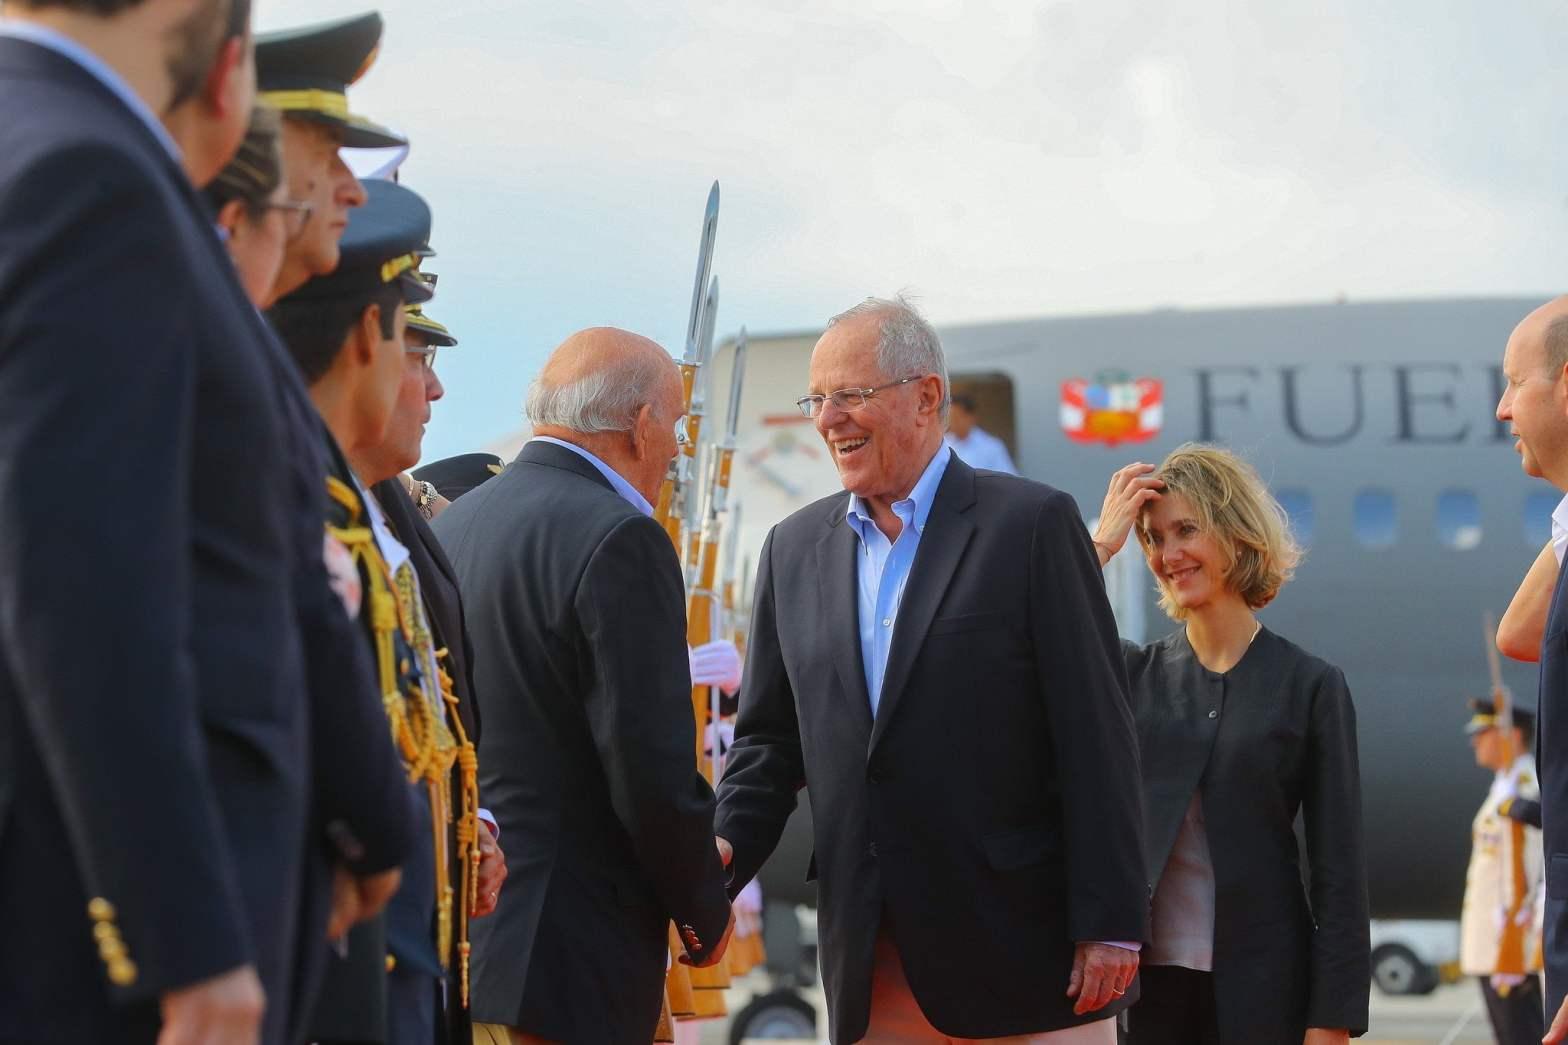 Kuczynski llegó a Cali para participar en la Cumbre Presidencial de la Alianza del Pacífico